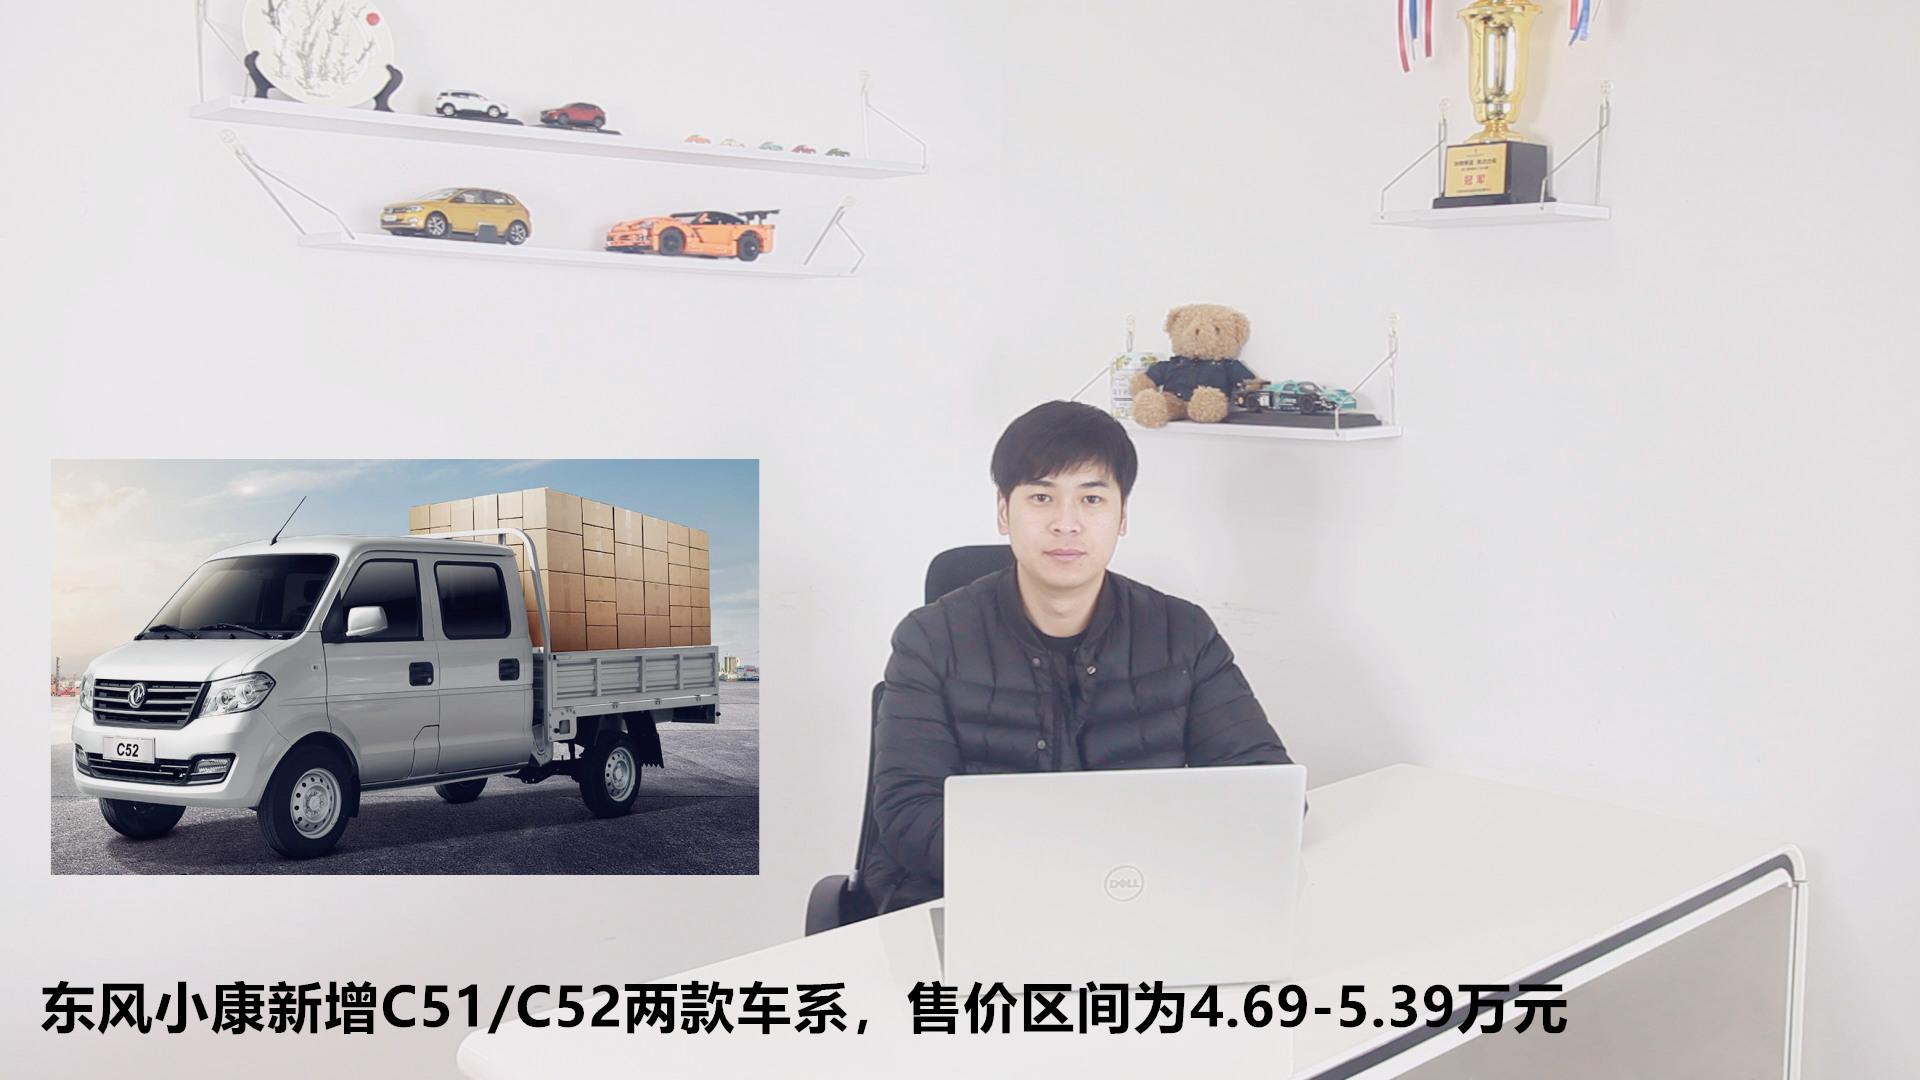 东风小康新增C51/C52两款车系